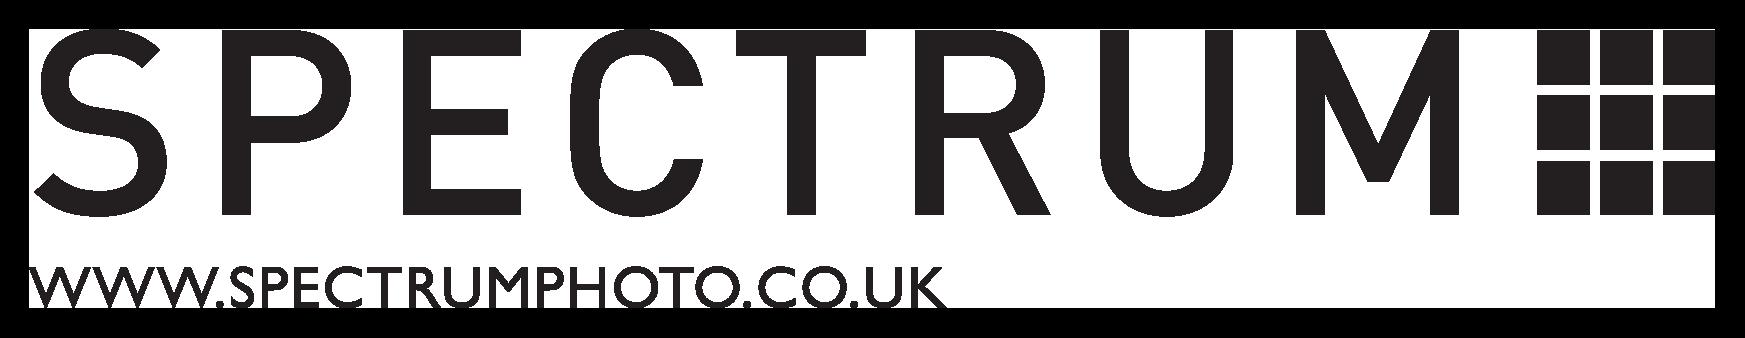 Spectrum-logo-2010-BW.png